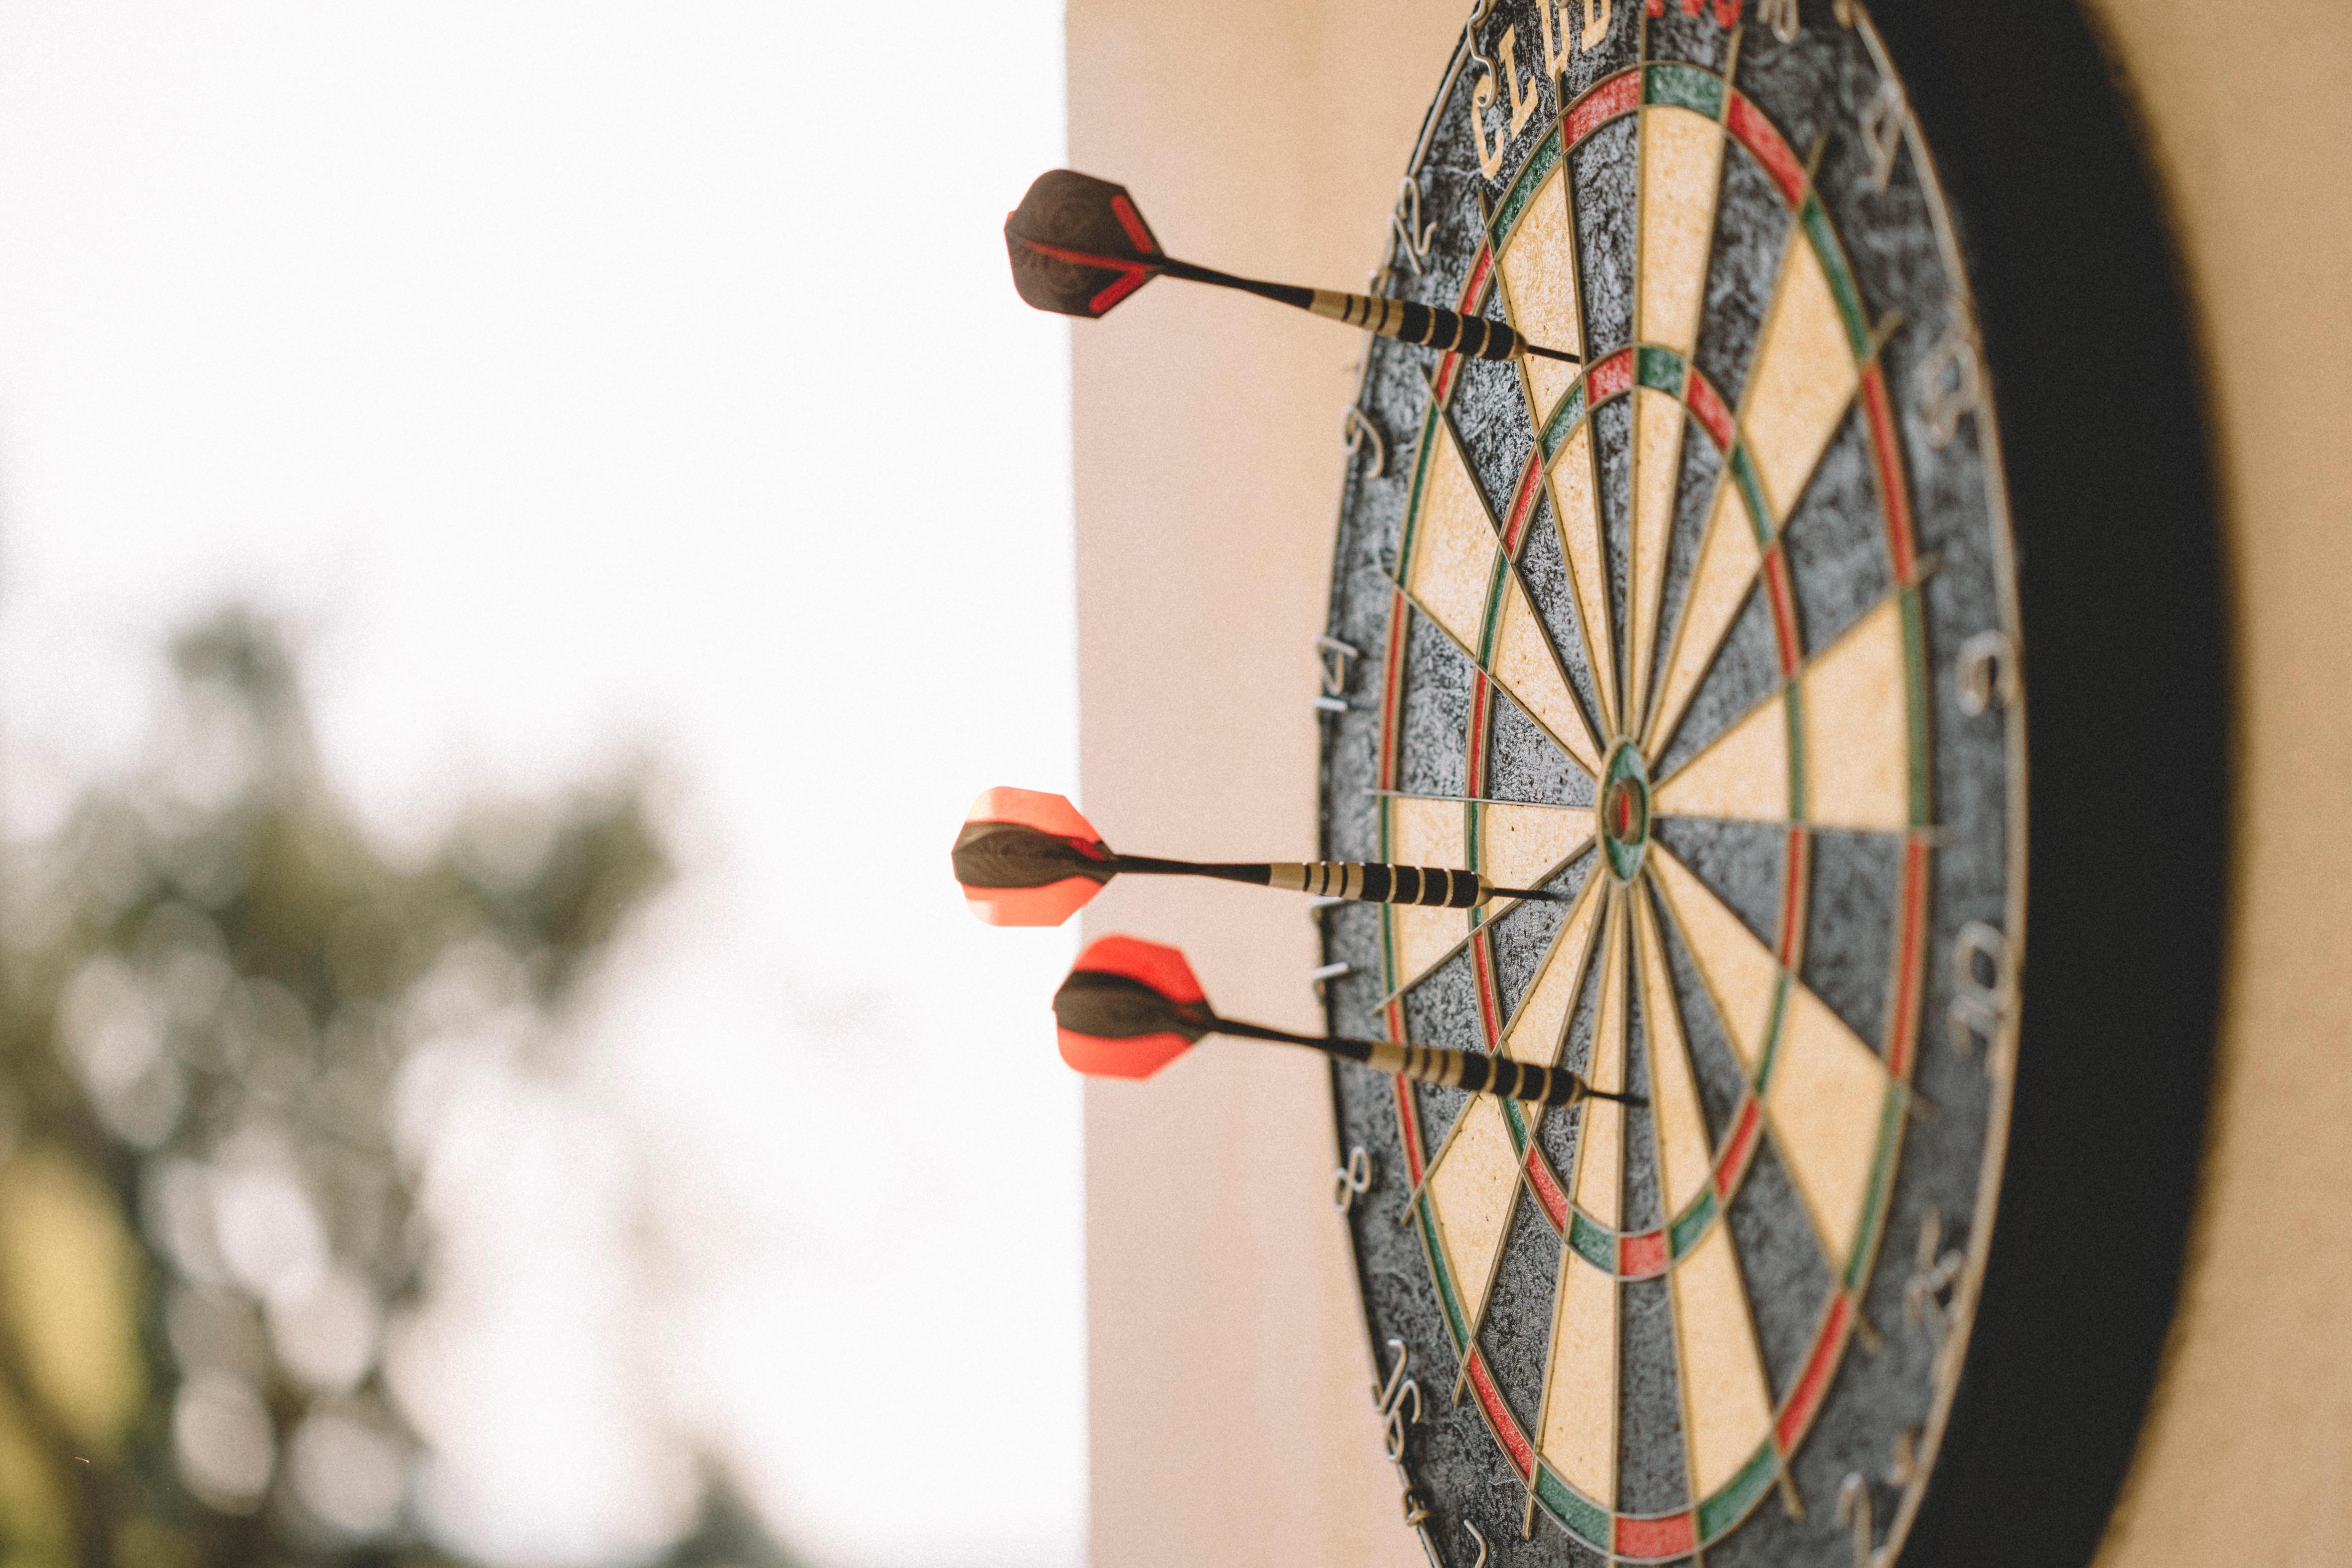 Dartbord In Kast : Online dartwinkel ← decathlon online een dartbord en